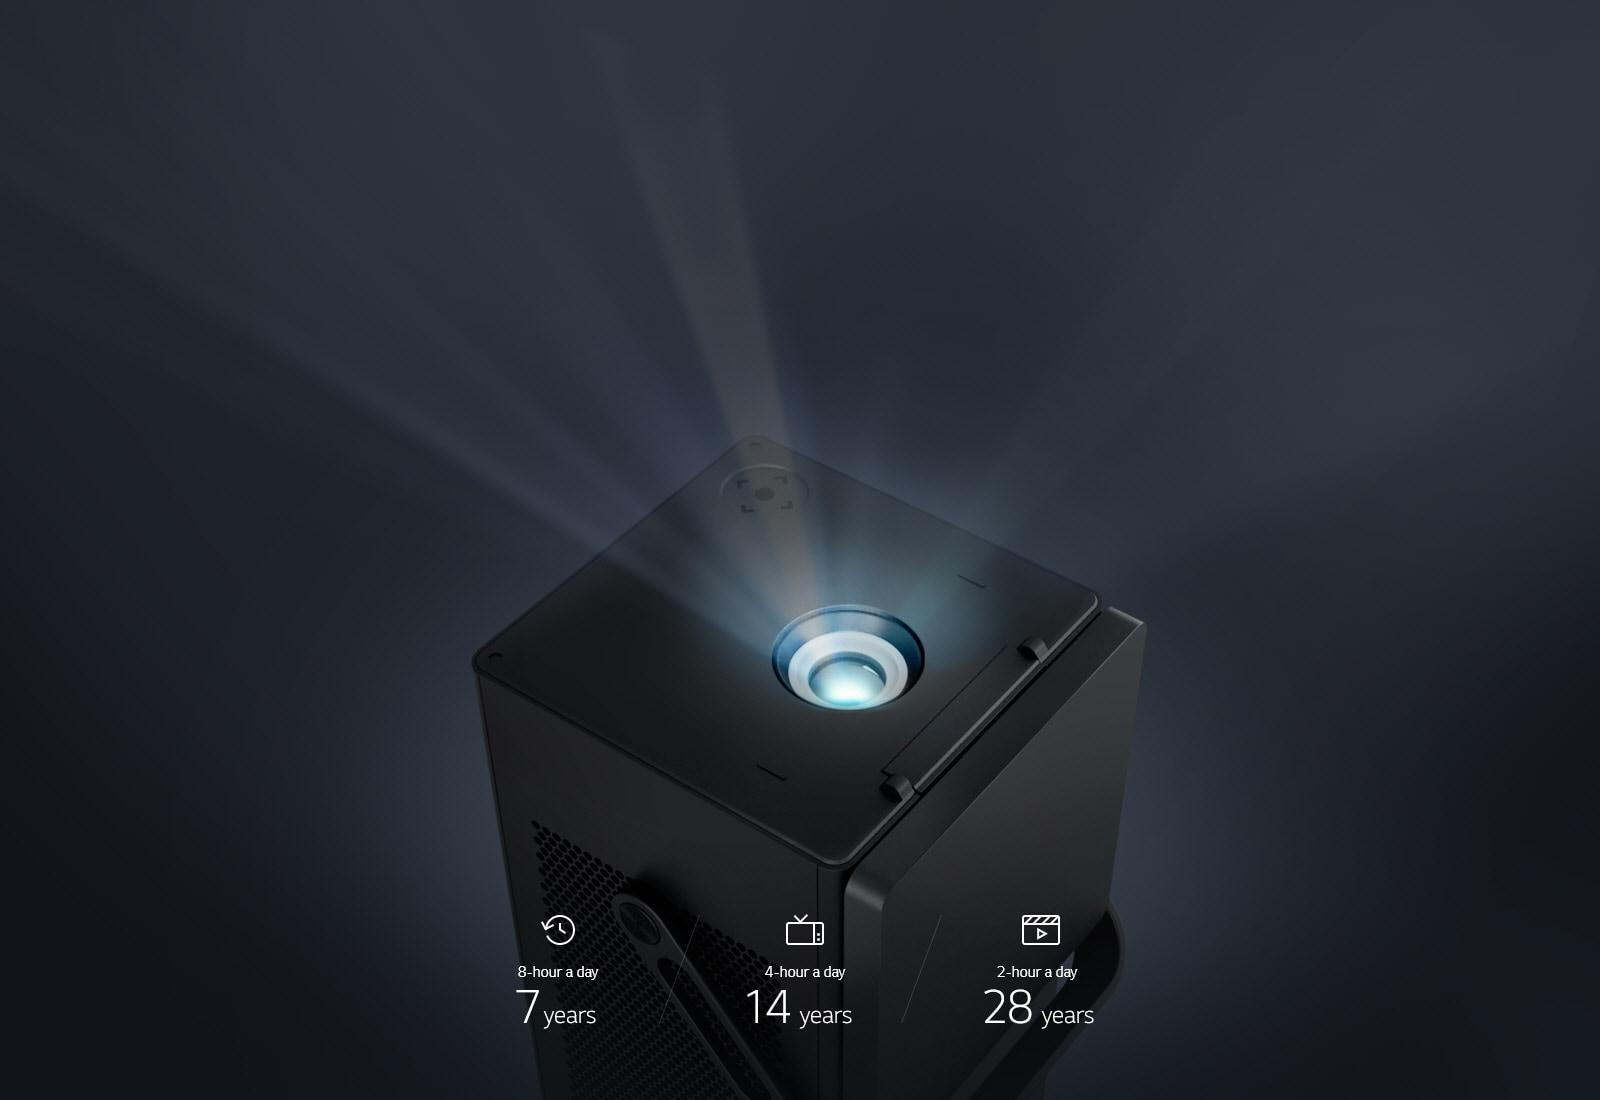 LG 20,000-hour Laser Life